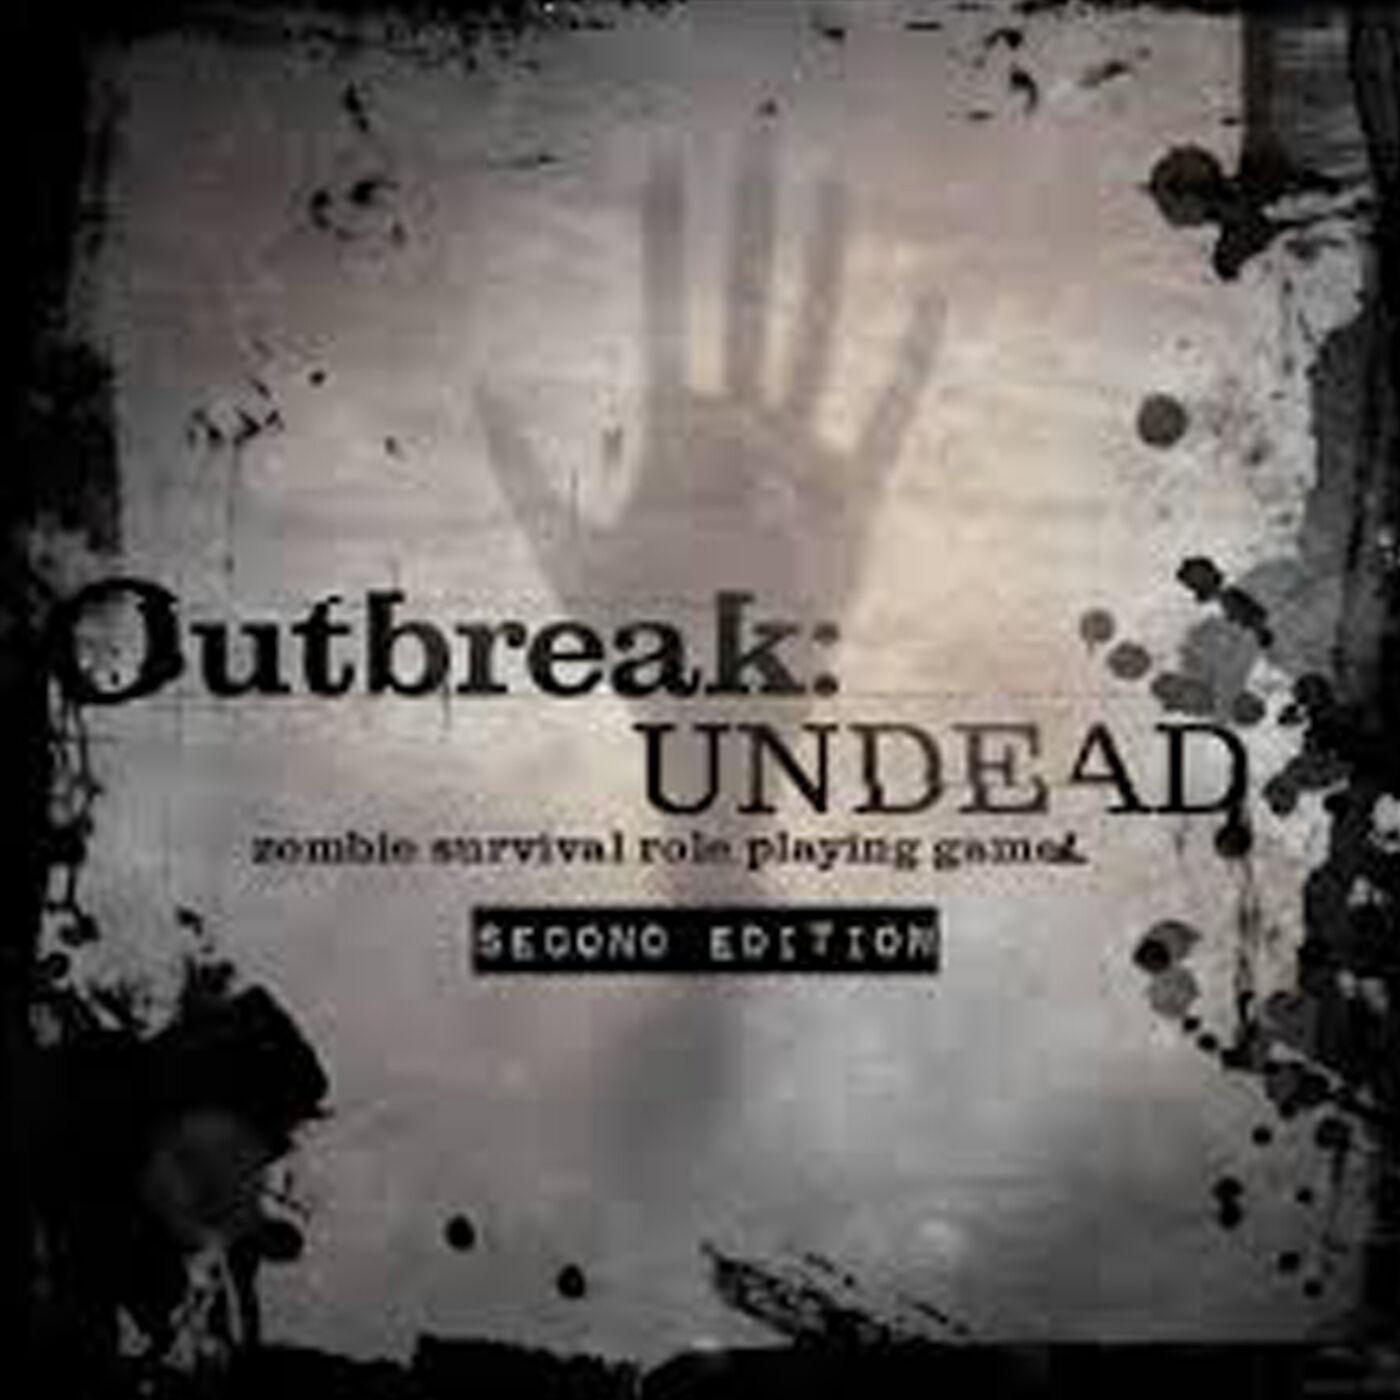 A Talk with Outbreak Undead Creator Ivan Van Norman